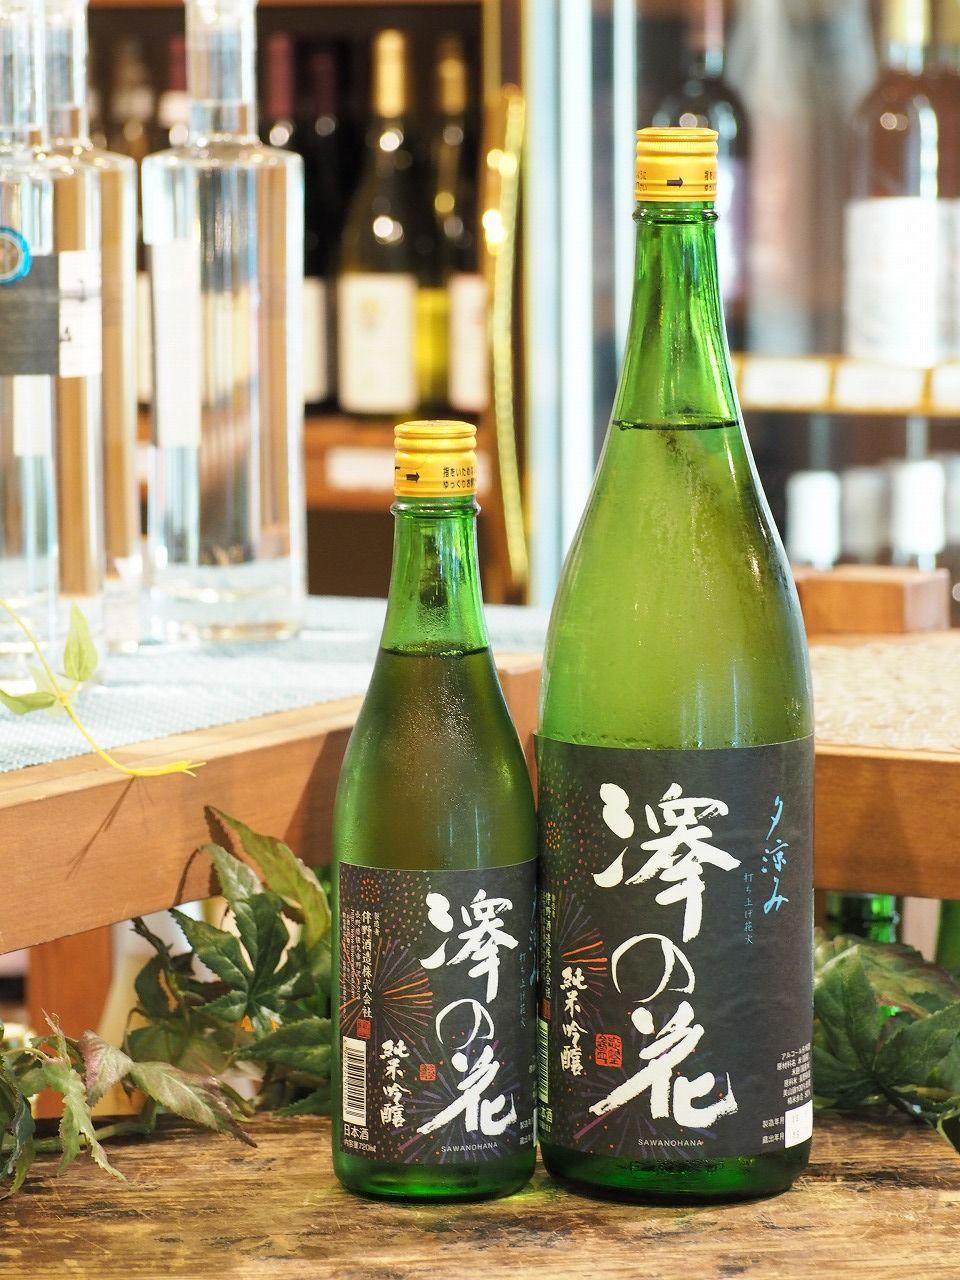 澤の花 夕涼み 打ち上げ花火 純米吟醸